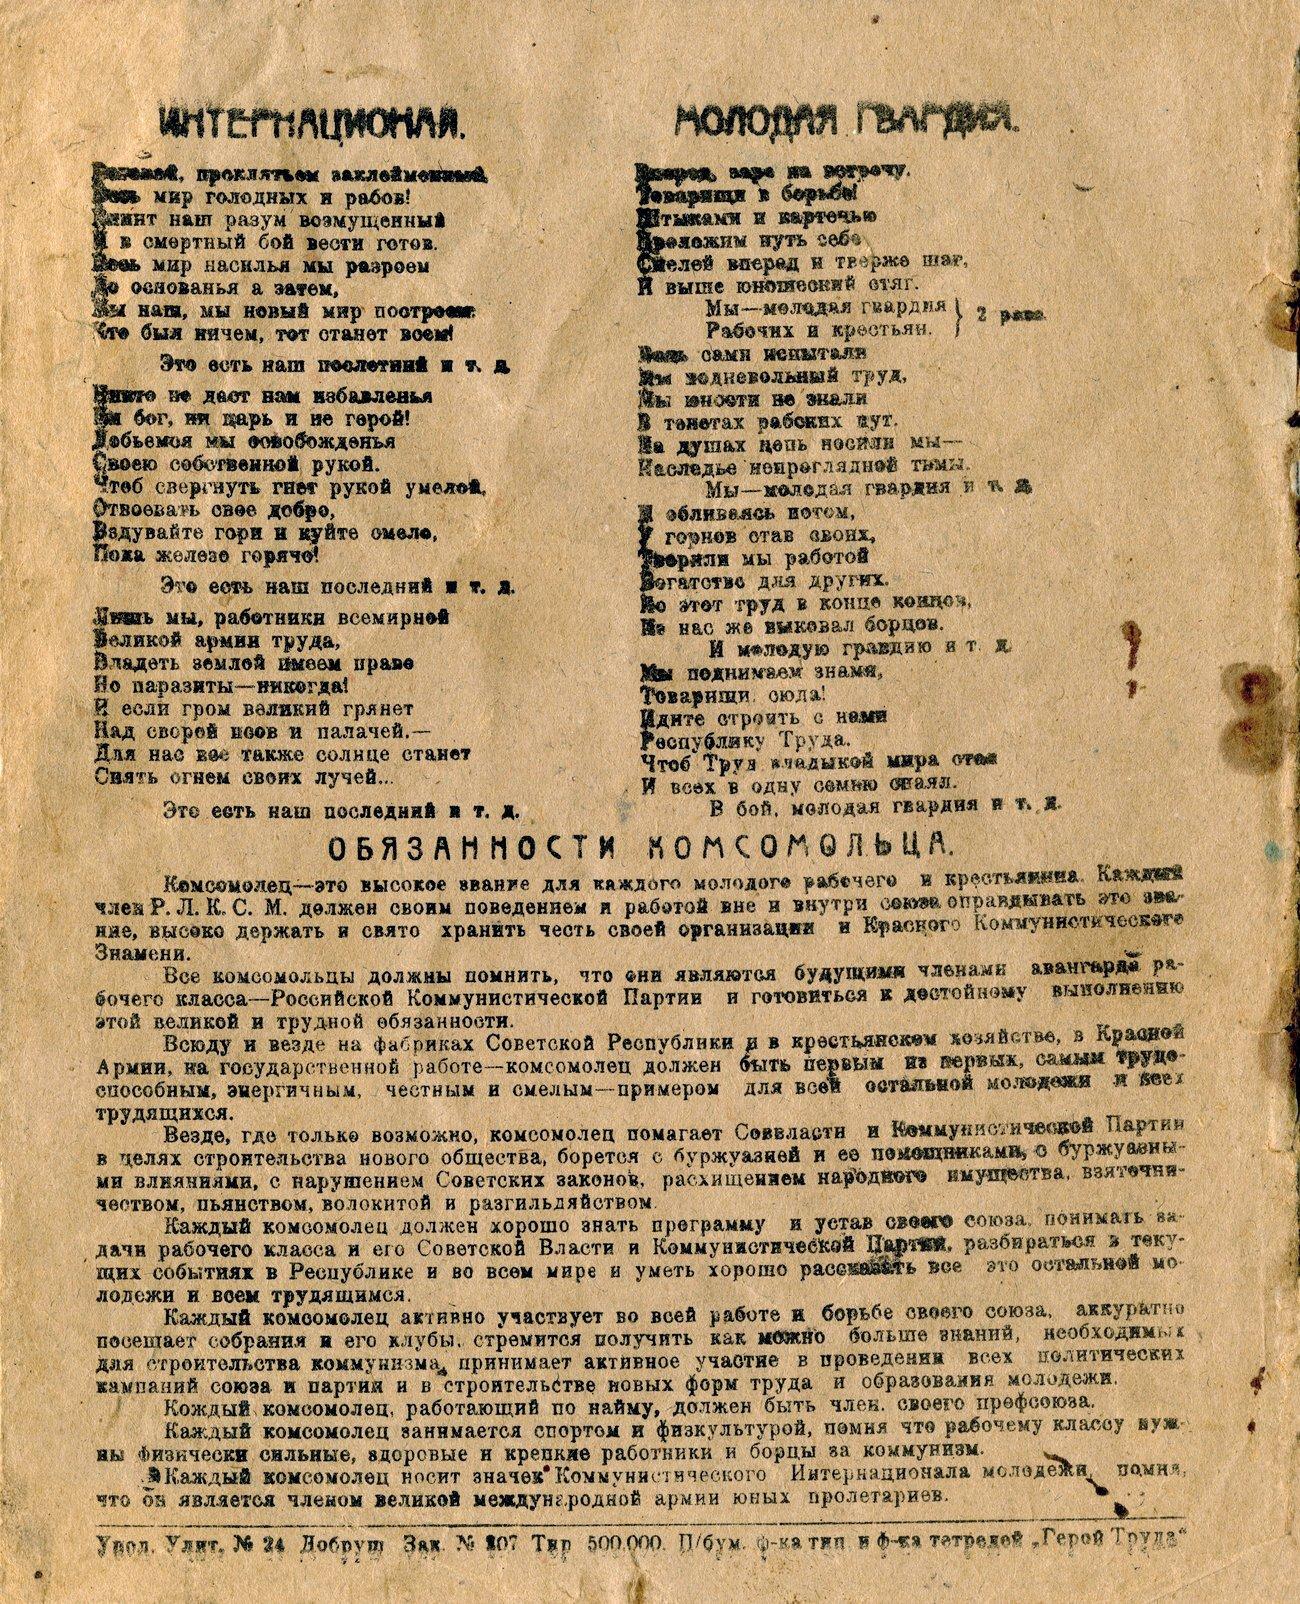 Полесский Бумтрест, Либкнехт, 1925, оборот